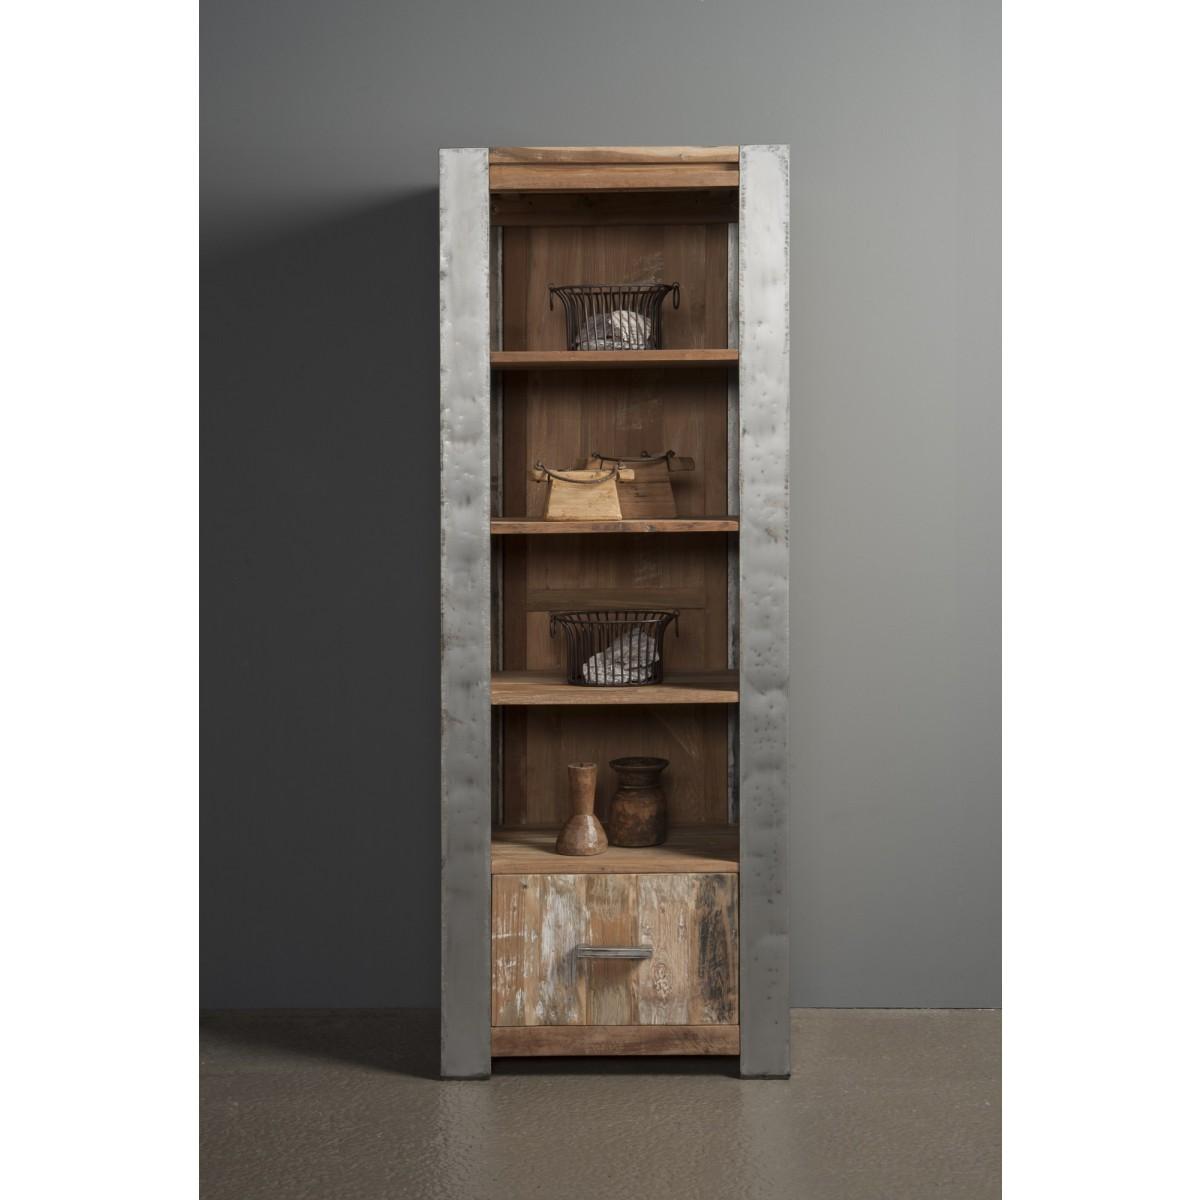 boekenkast-teak-hout-recycled-metalen-poot.jpg